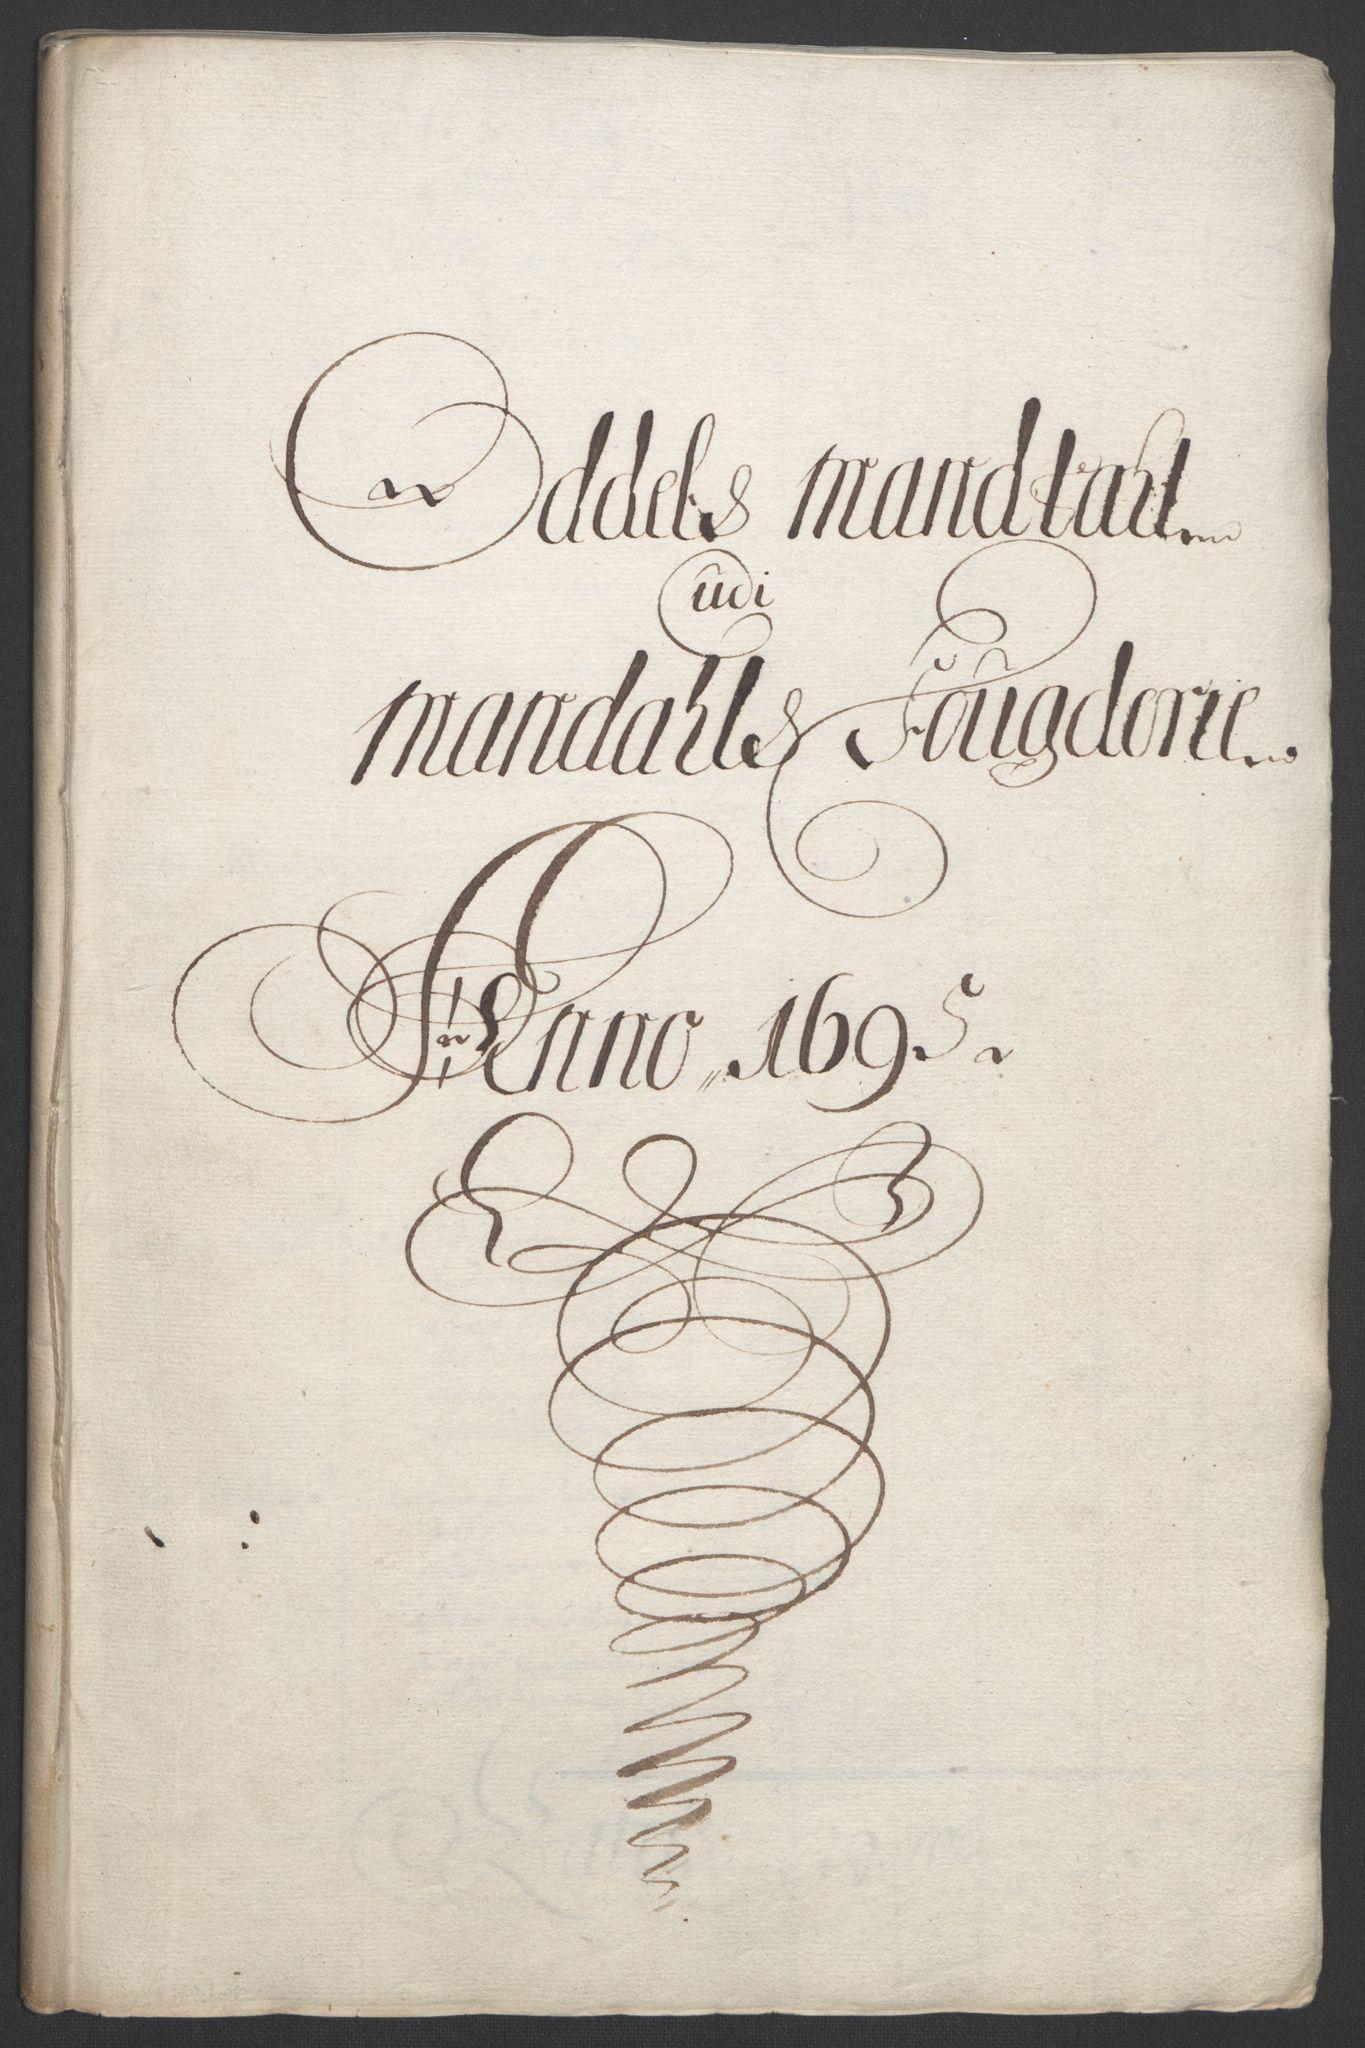 RA, Rentekammeret inntil 1814, Reviderte regnskaper, Fogderegnskap, R43/L2545: Fogderegnskap Lista og Mandal, 1694-1695, s. 310